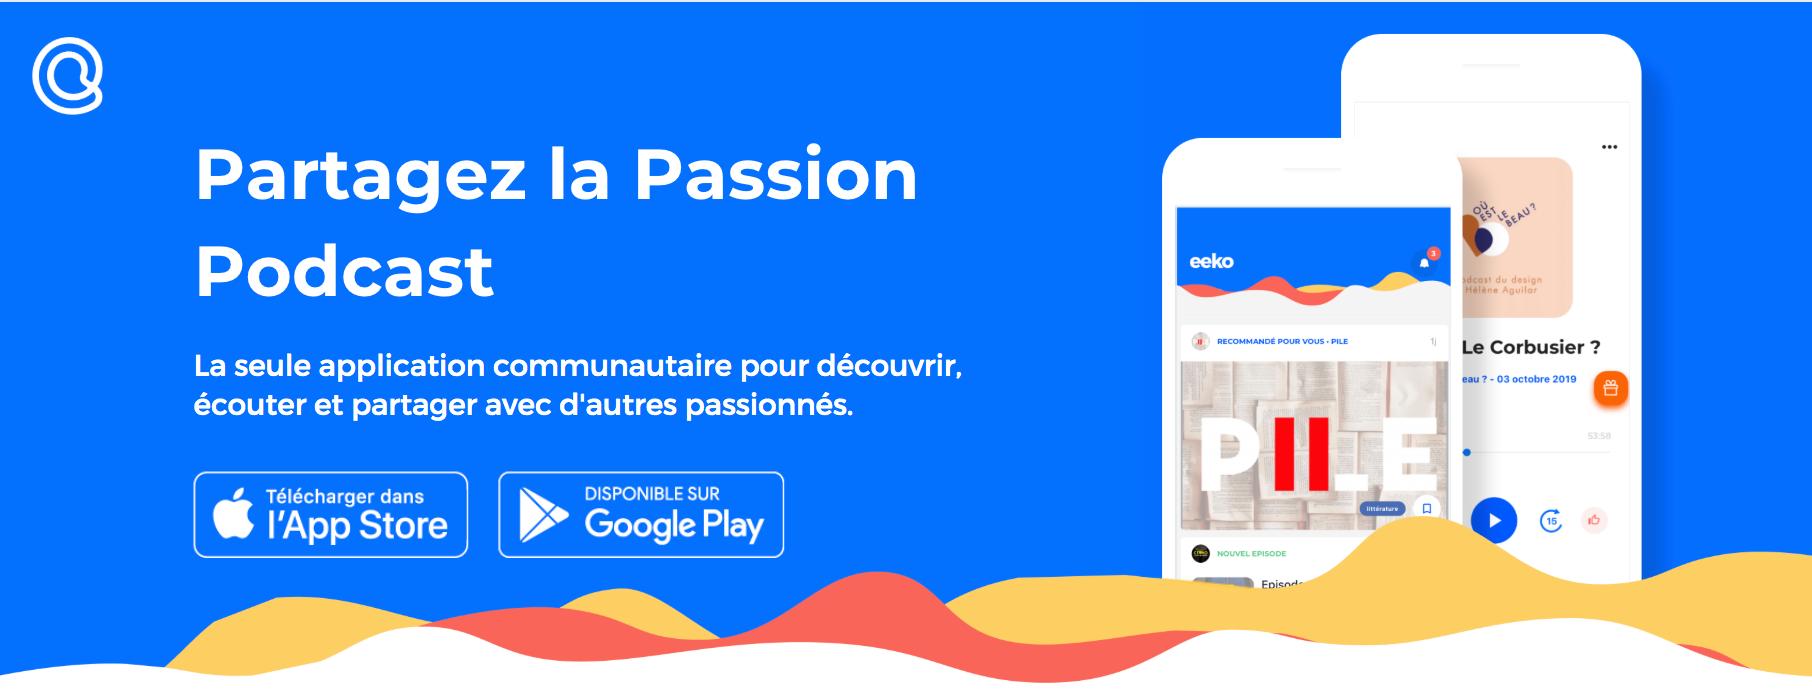 L'application eeko veut partager la passion podcast